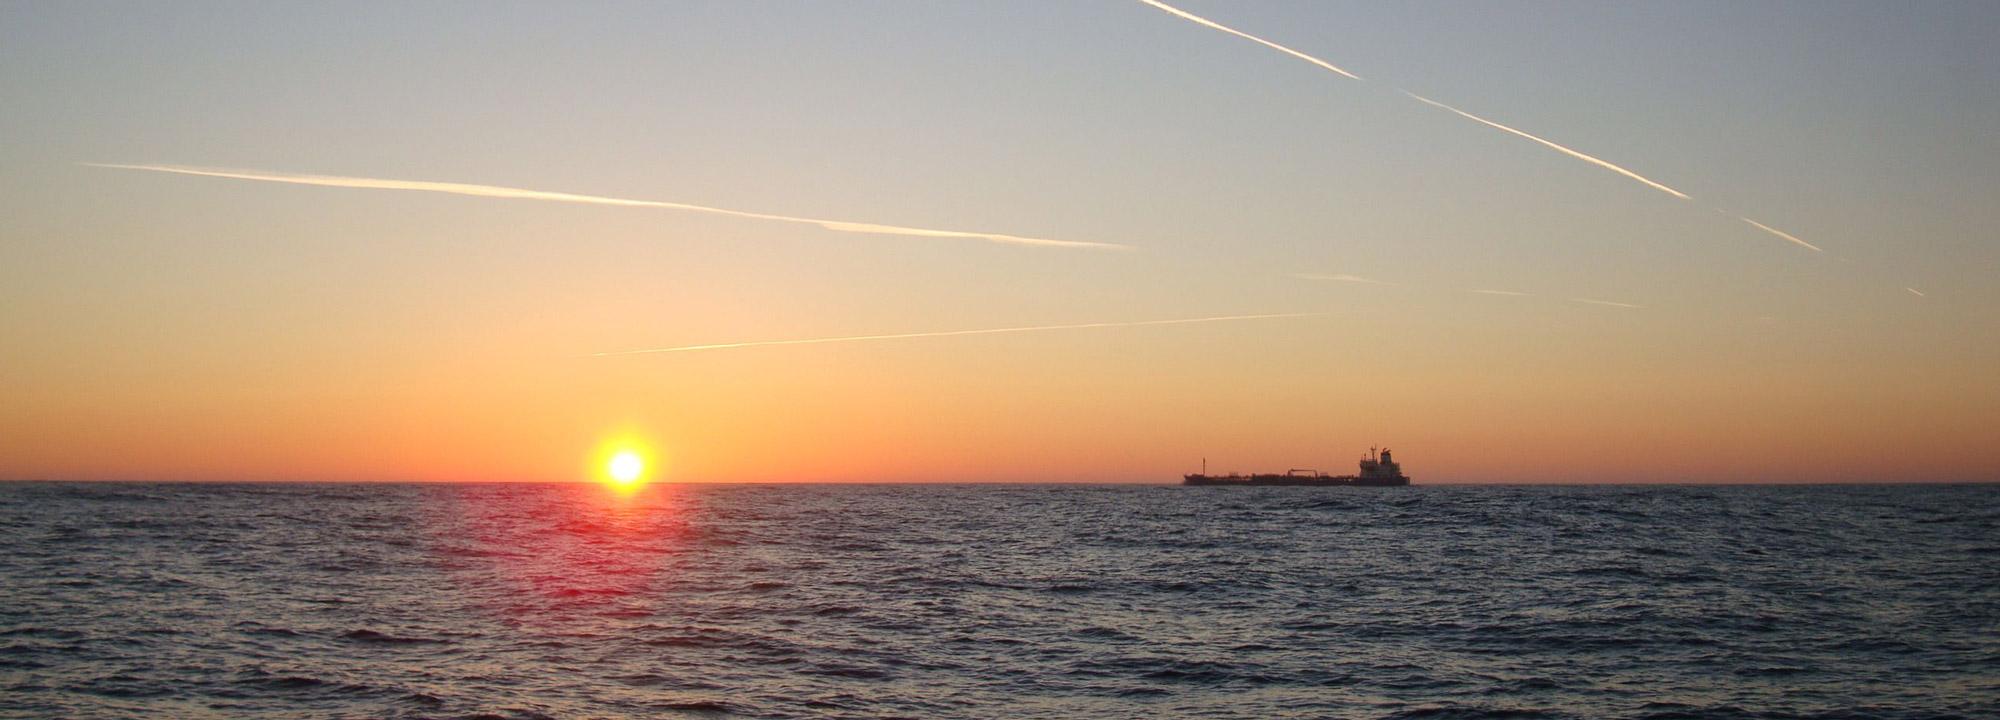 Louez un voilier pour les iles bretonnes